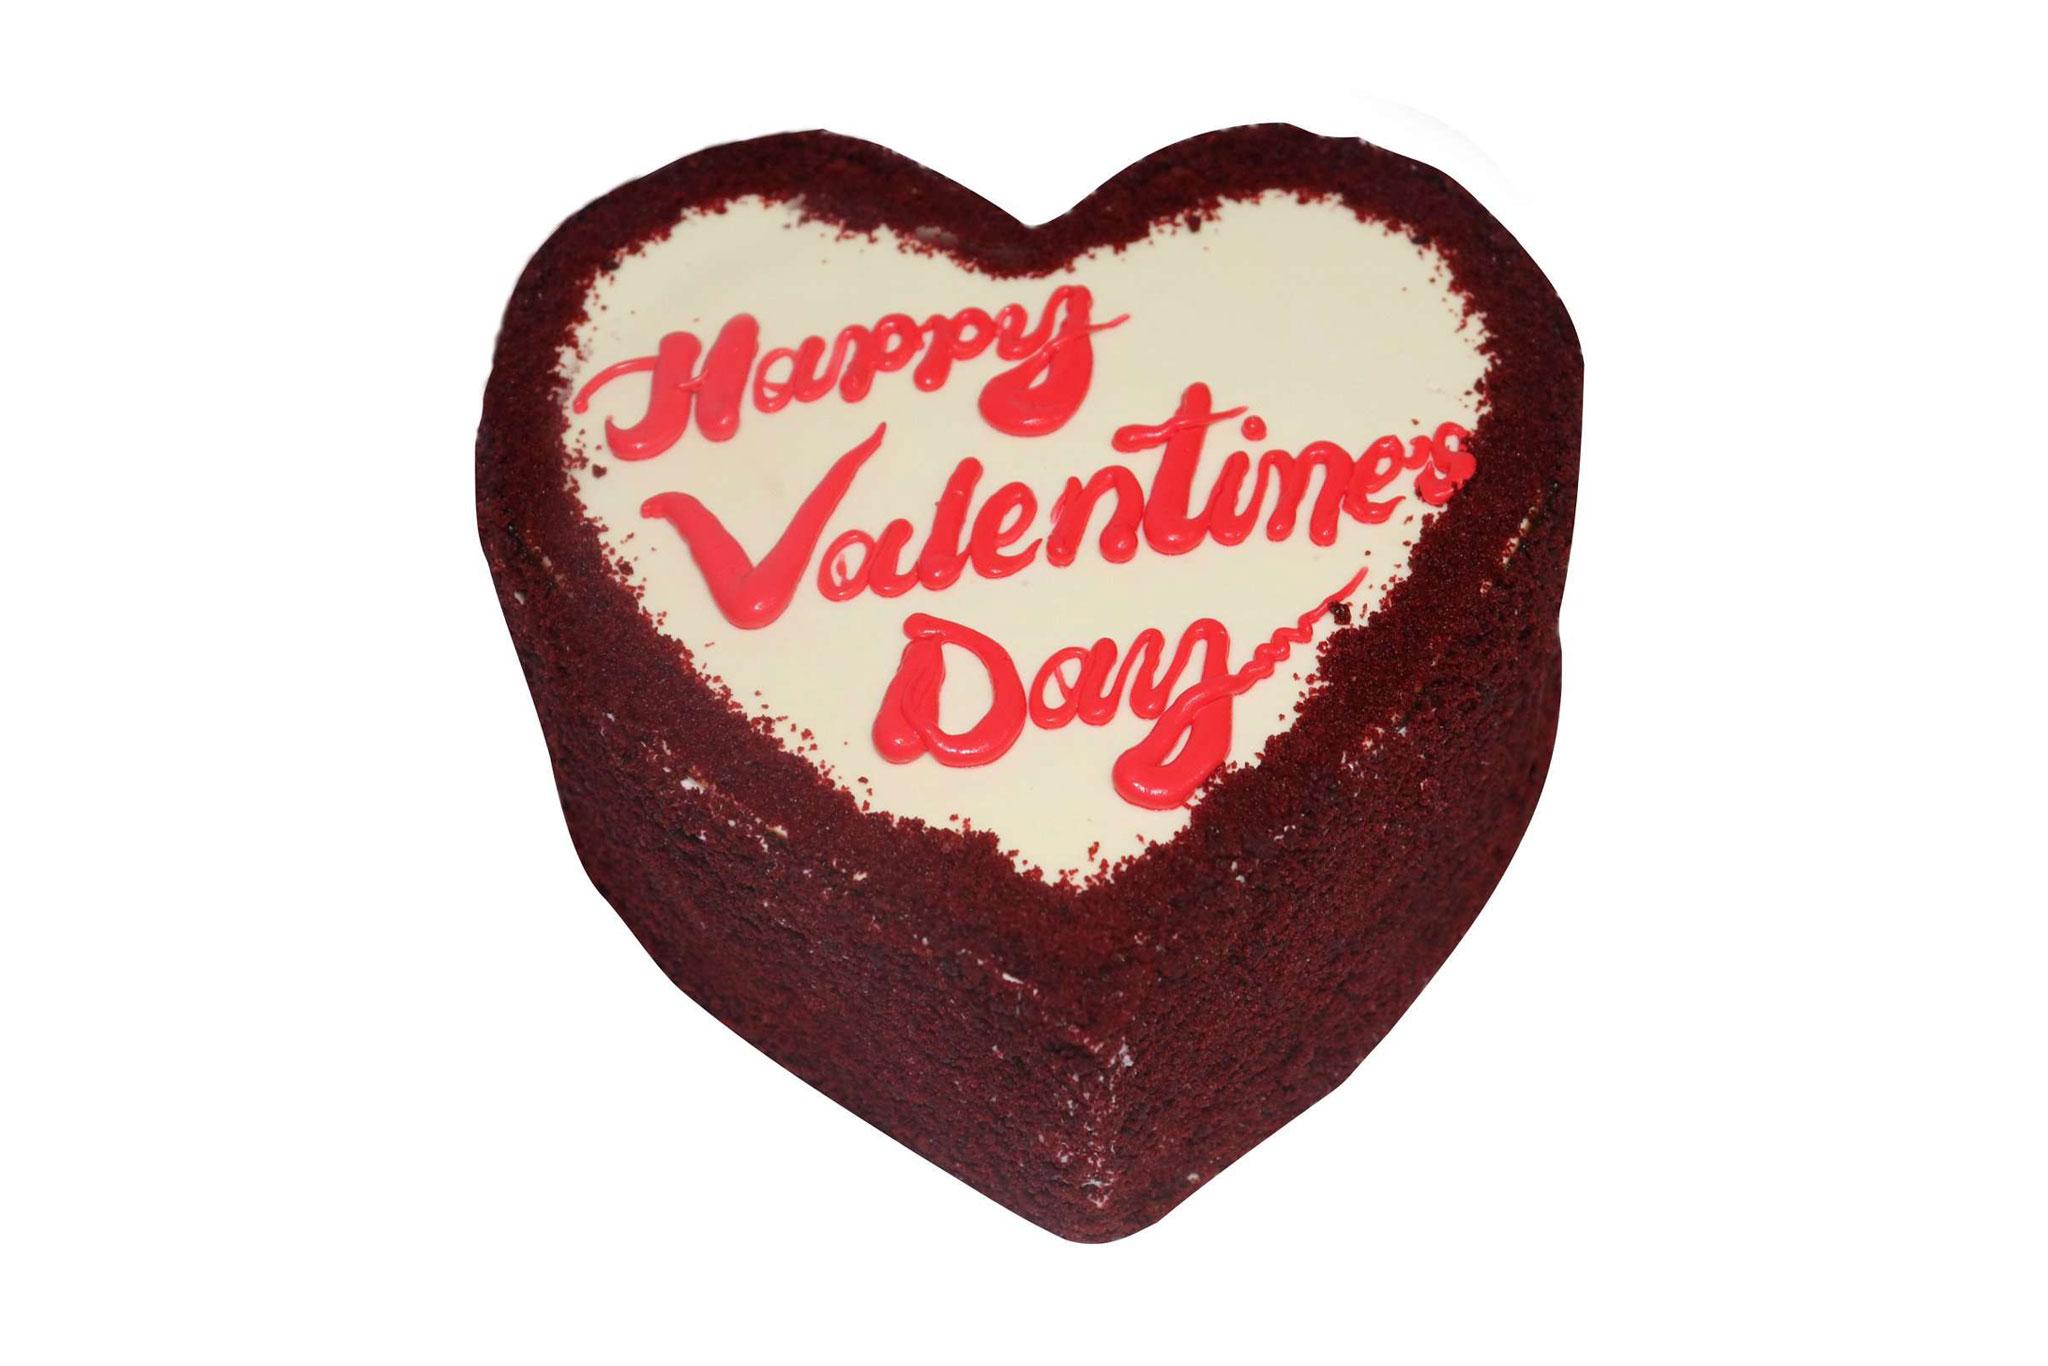 Cheesy Sweet Heart Cake